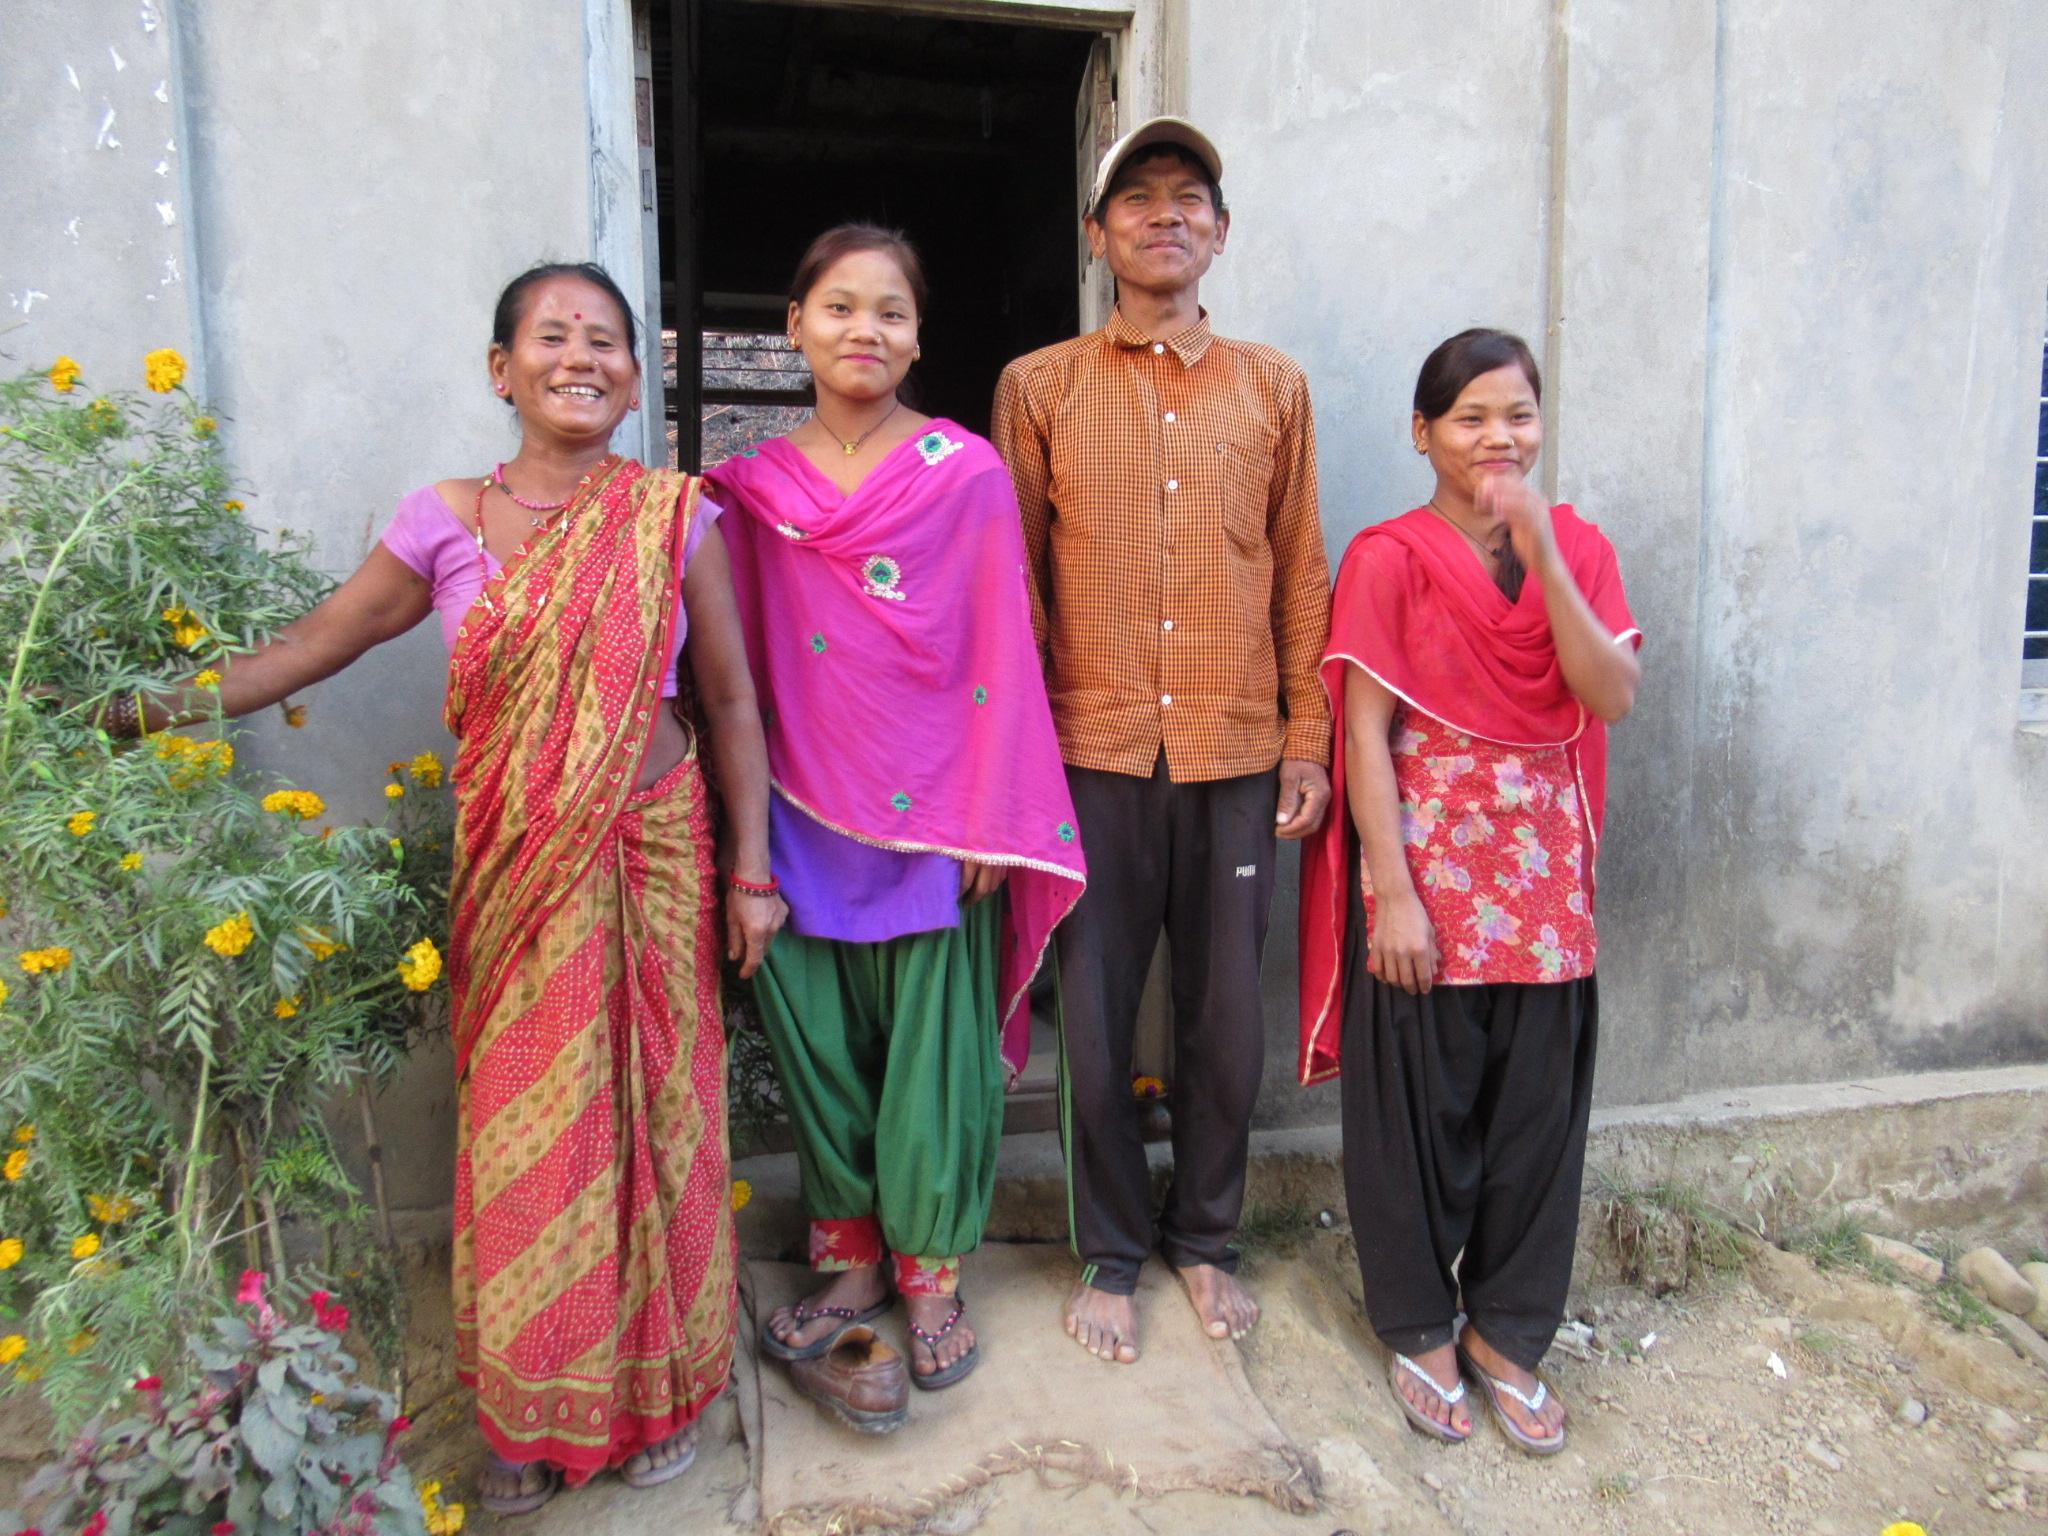 Salayani and family